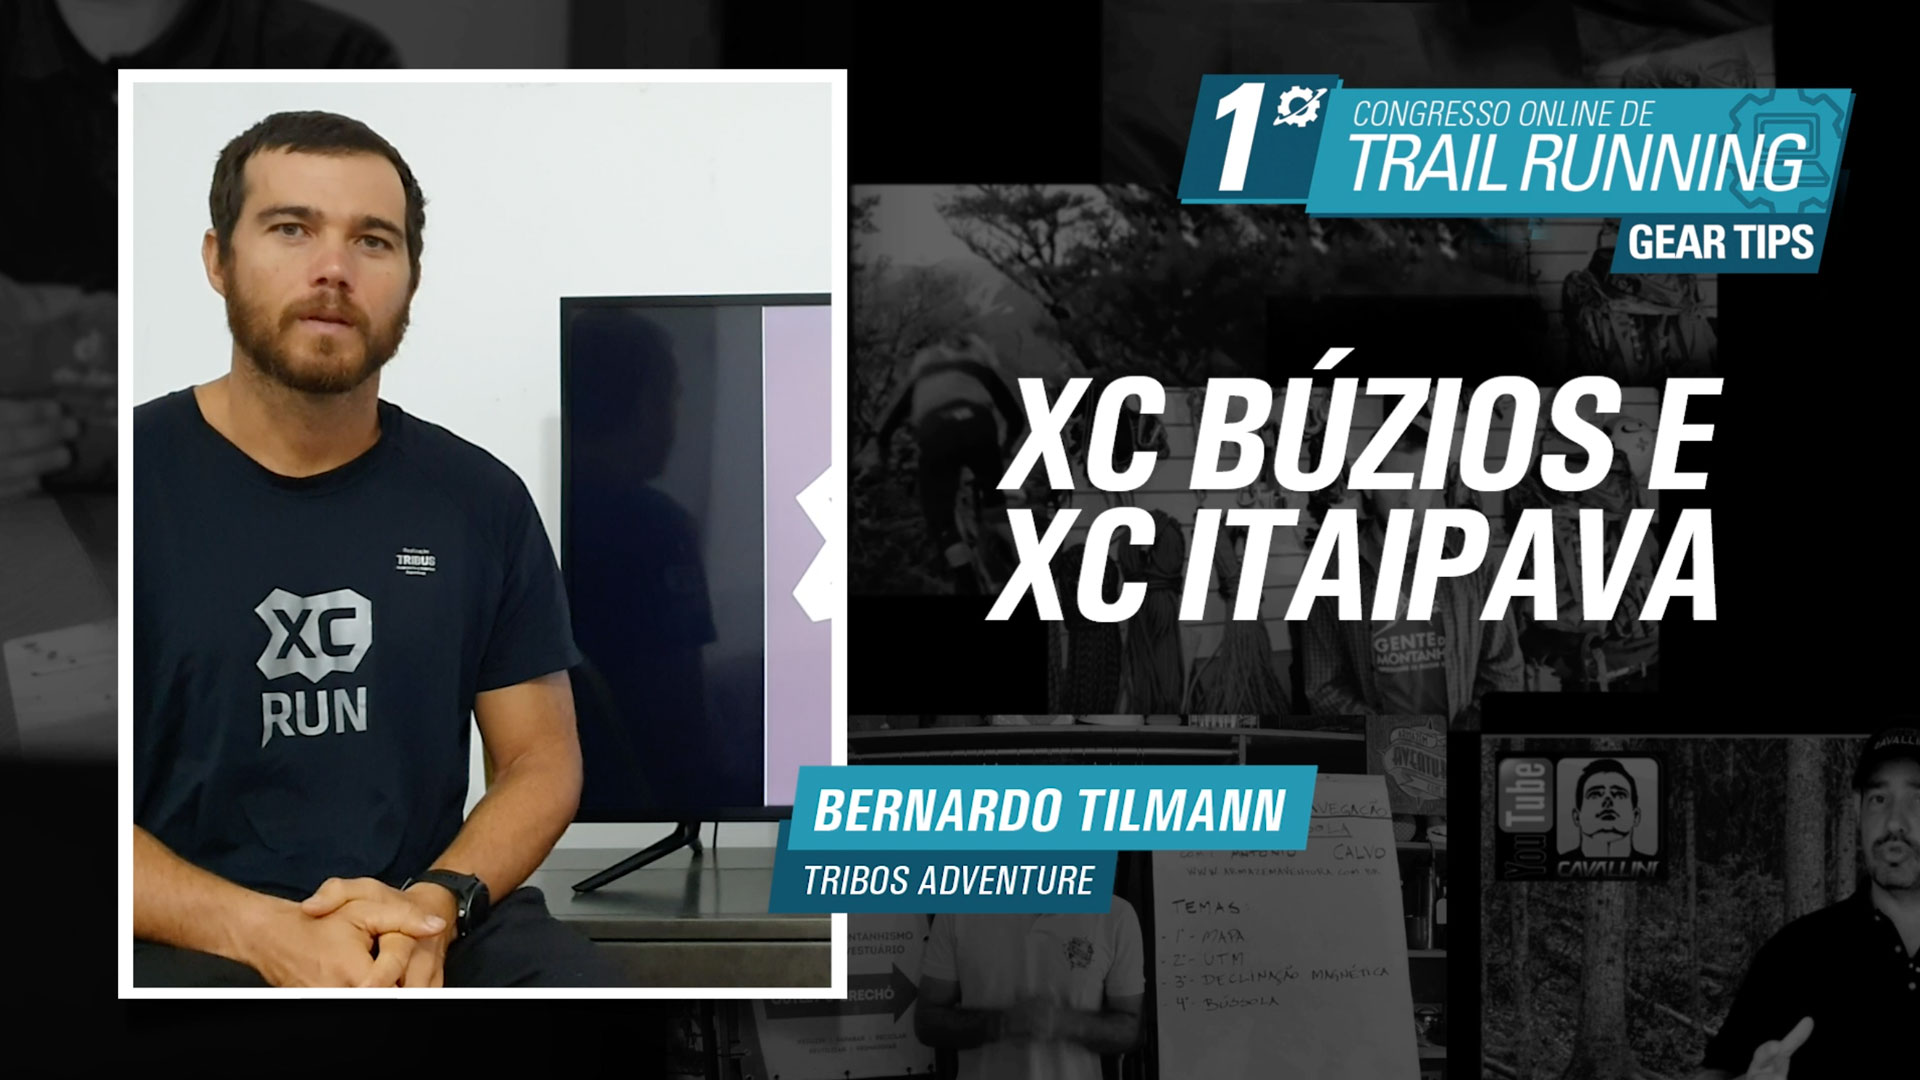 XC Búzios e XC Itaipava - Bernardo Tilmann